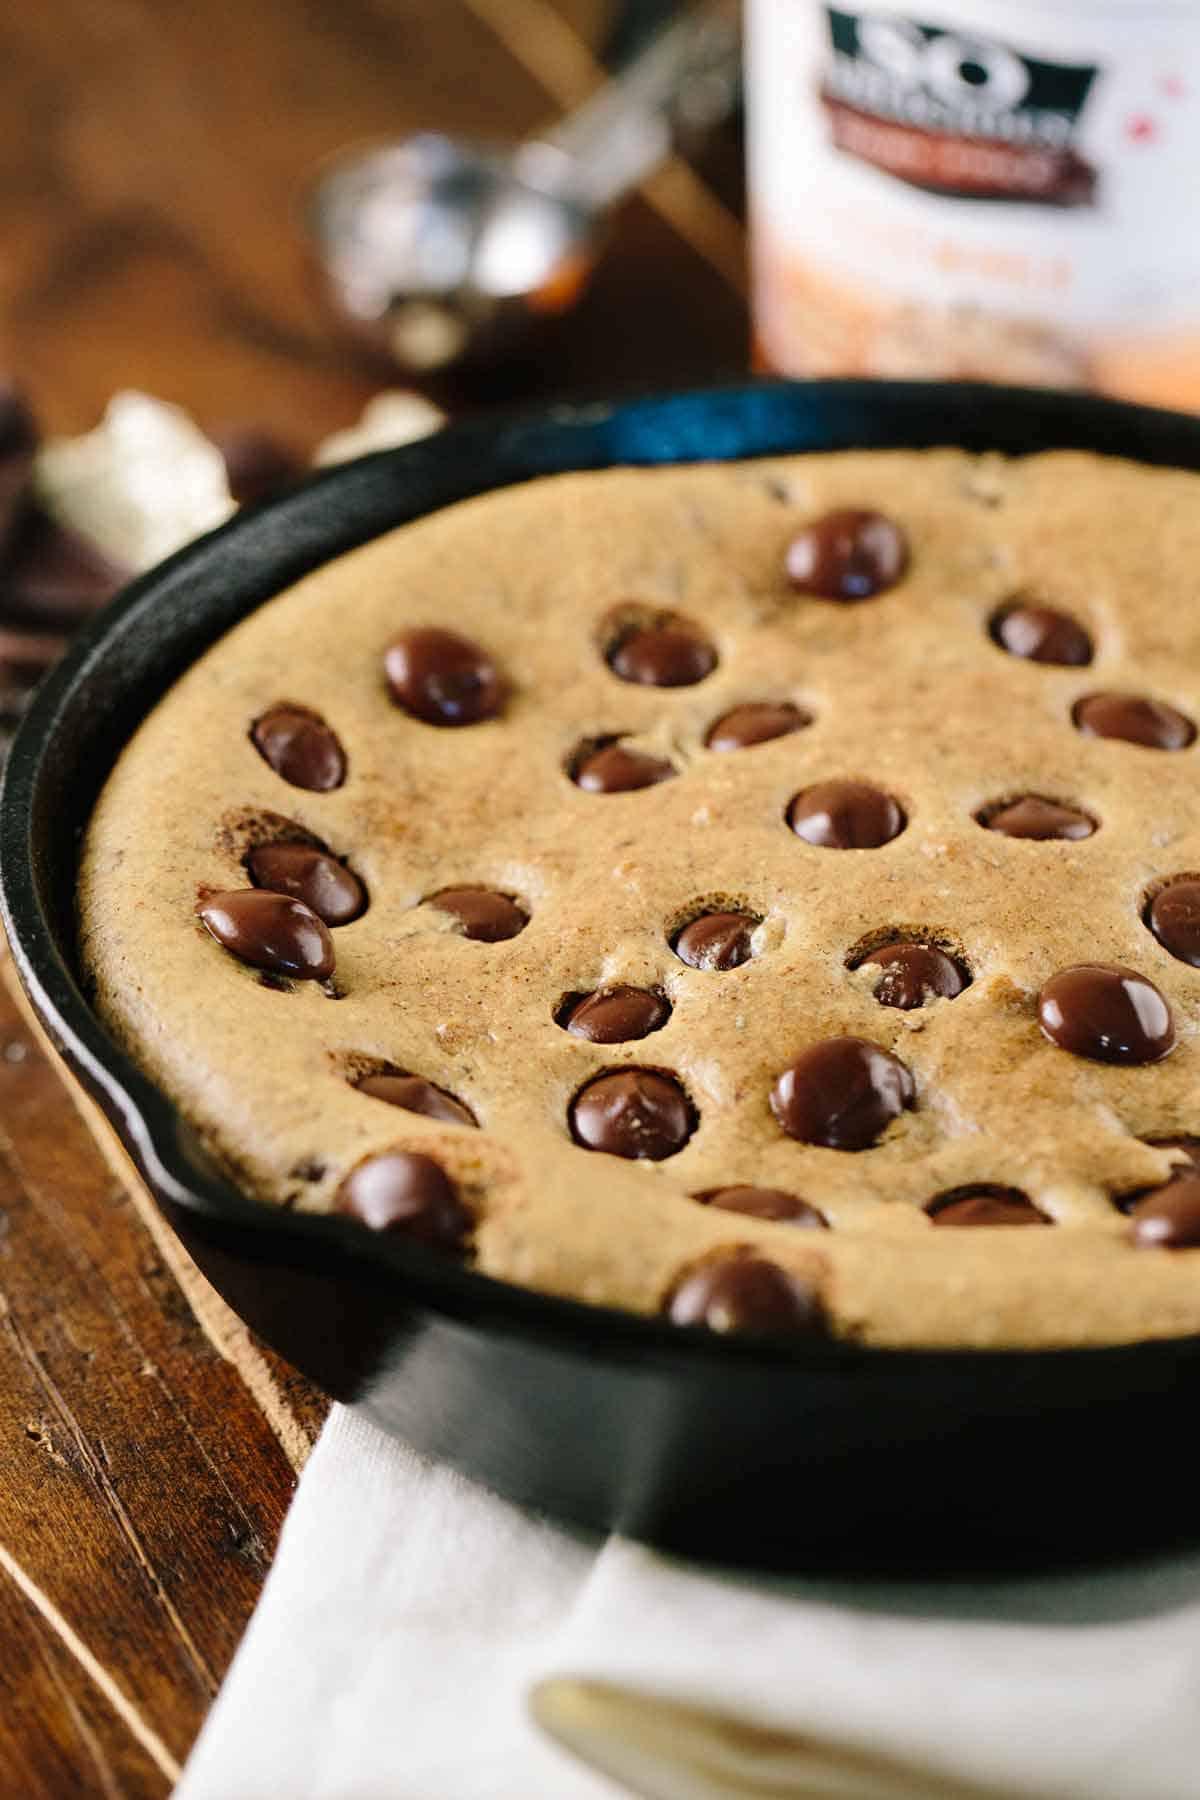 Chocolate Chip Cookie Skillet with Frozen Dessert | Jessica Gavin